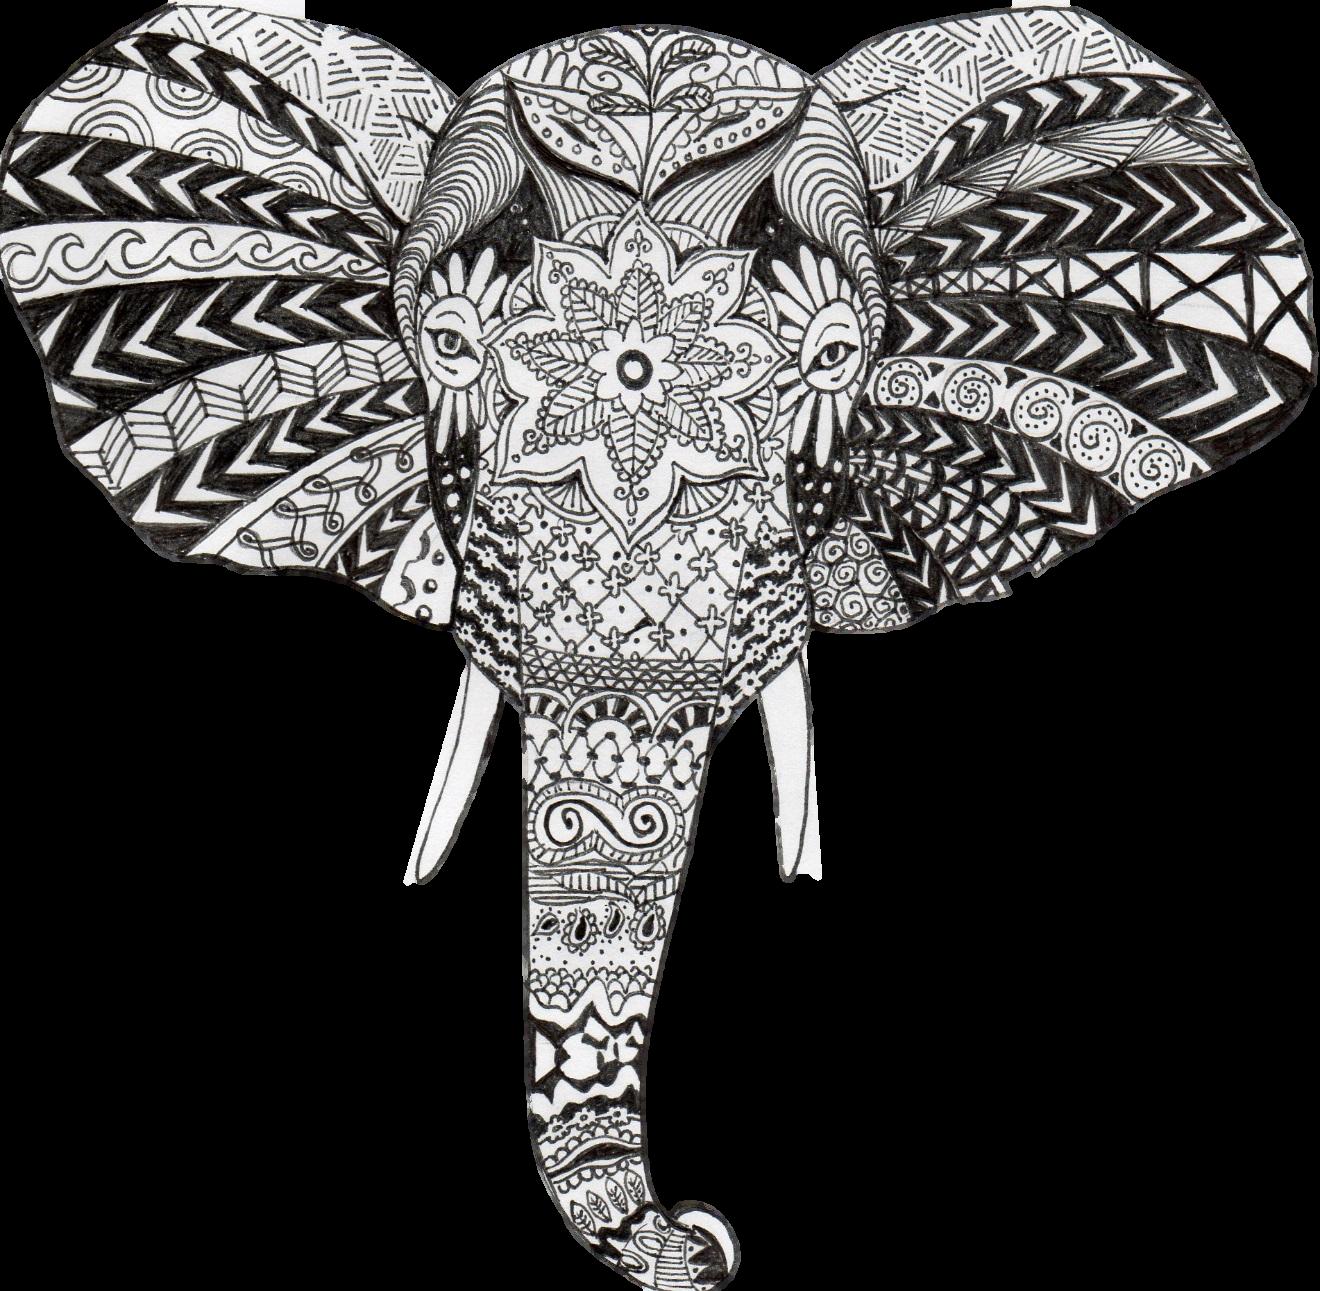 Elephant art - zentangle